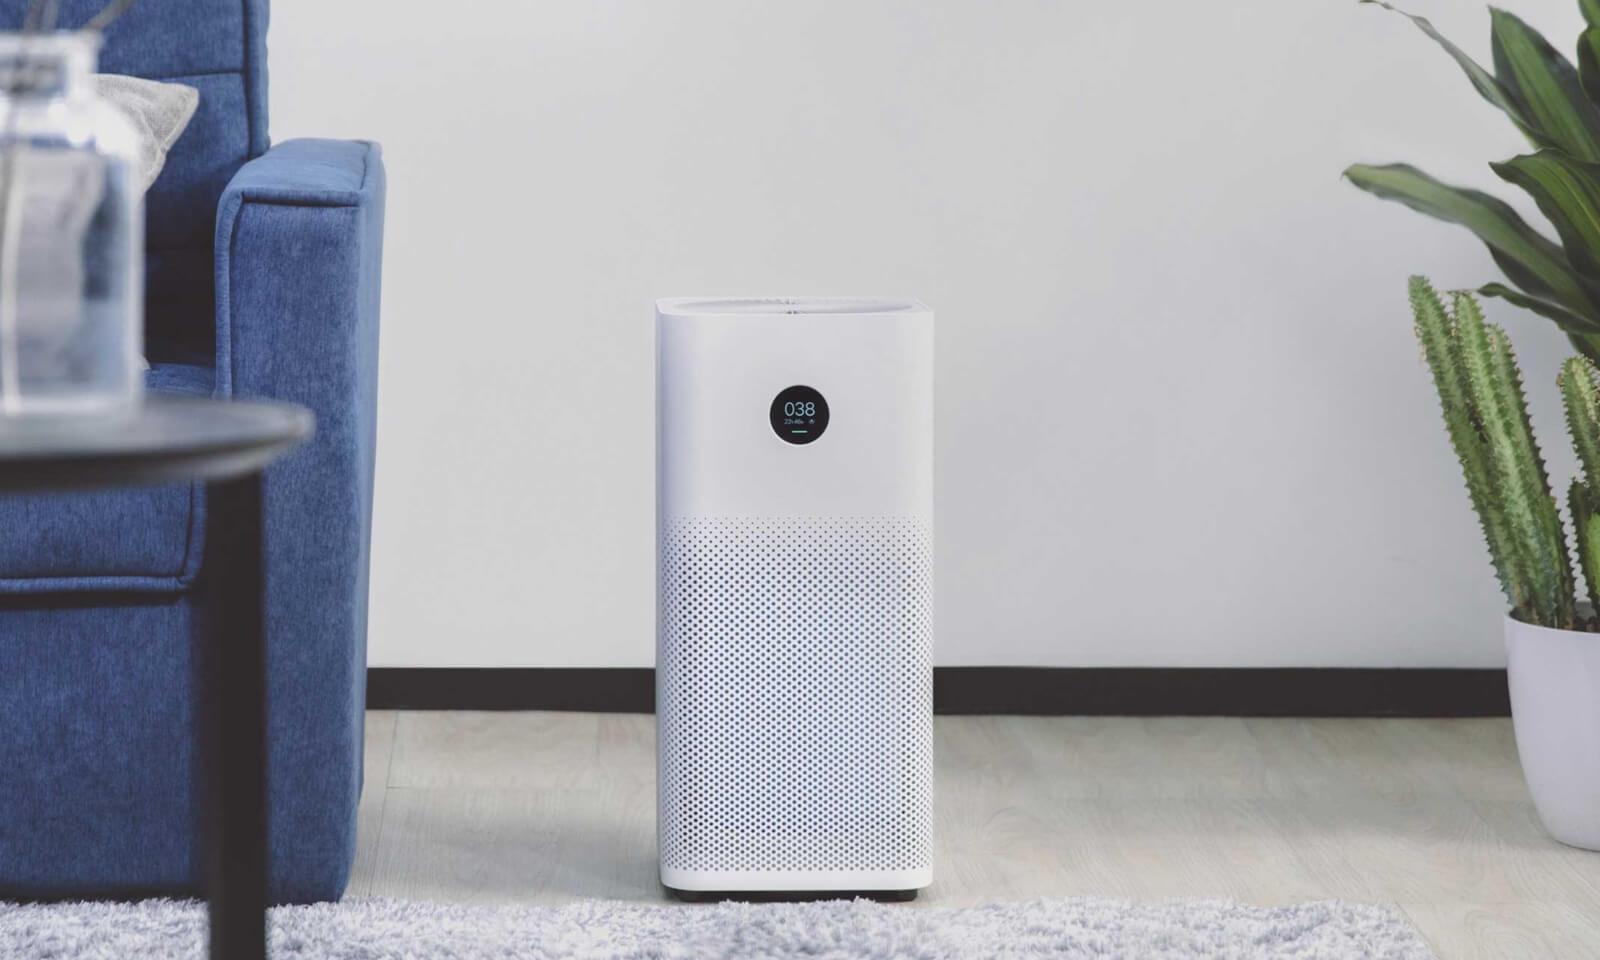 Oczyszczacz Xiaomi Air Purifier 2S w pokoju